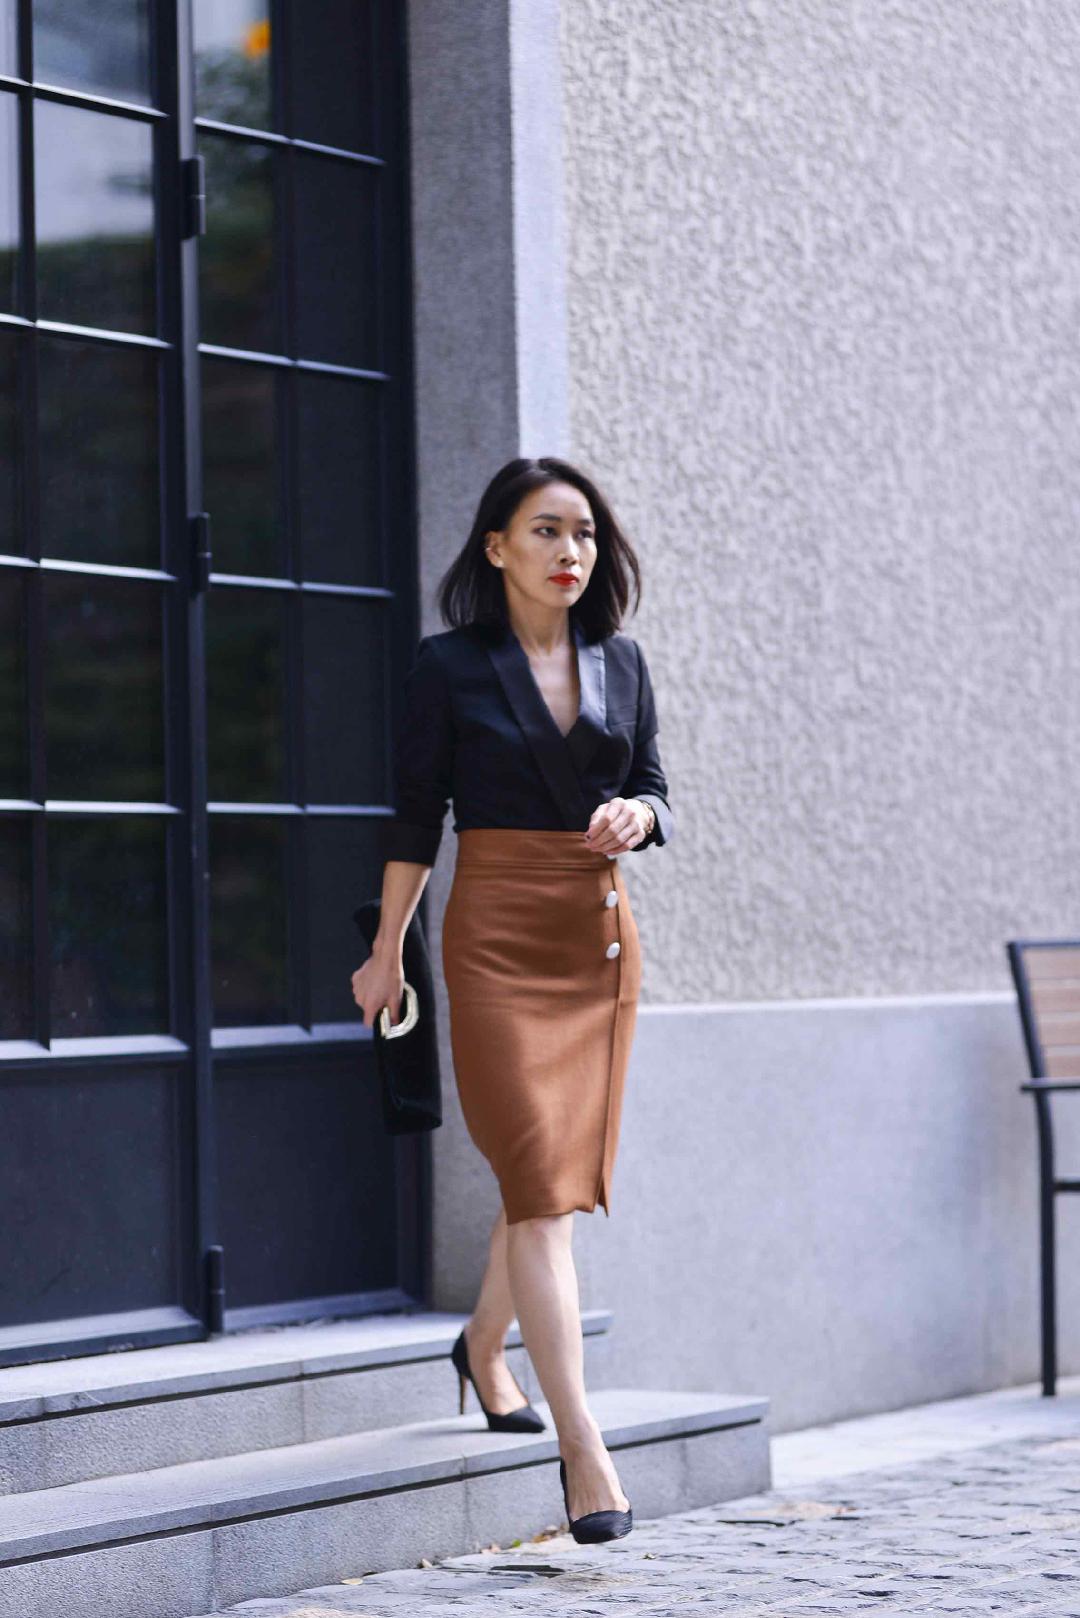 #优雅小西装,毒液女主既视感#    这套衣服的搭配灵感来自于 去年massimo dutti 的宣传片 西装当上衣穿 鉴于西装的材质硬挺,所以更帅气  如果冷的湖 可以再搭配一件长款大衣 @LOOK君